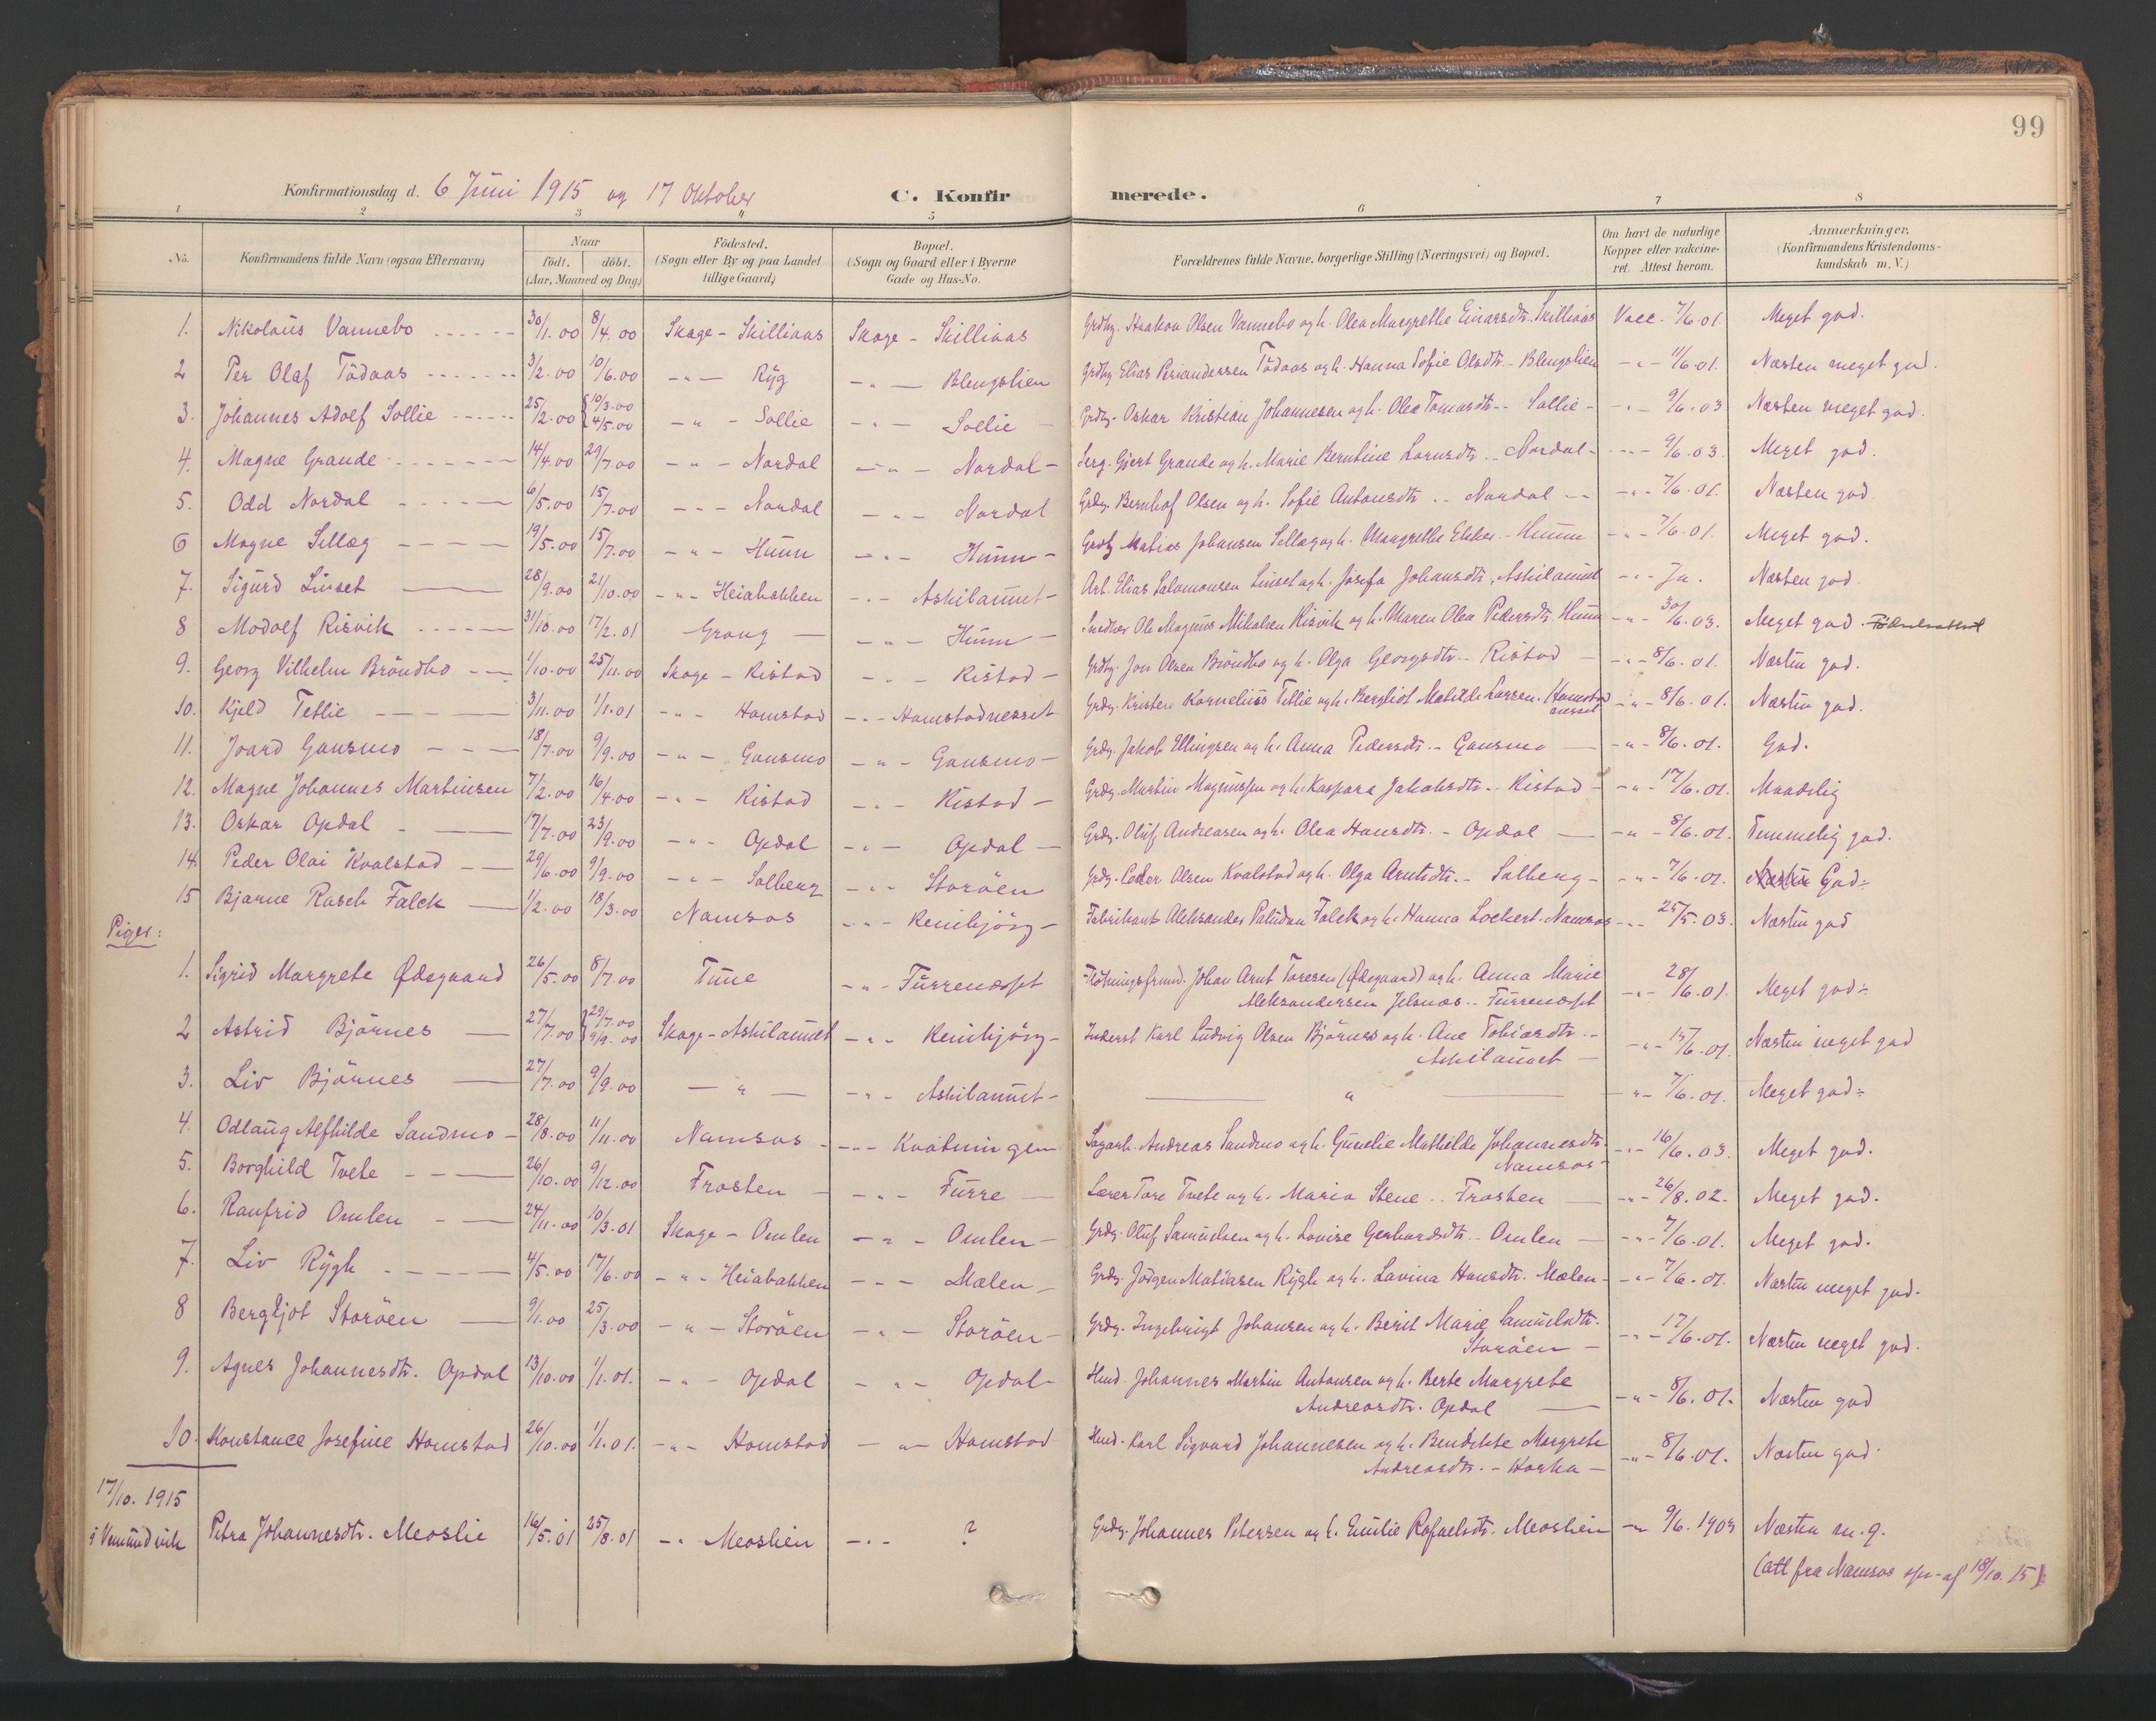 SAT, Ministerialprotokoller, klokkerbøker og fødselsregistre - Nord-Trøndelag, 766/L0564: Ministerialbok nr. 767A02, 1900-1932, s. 99